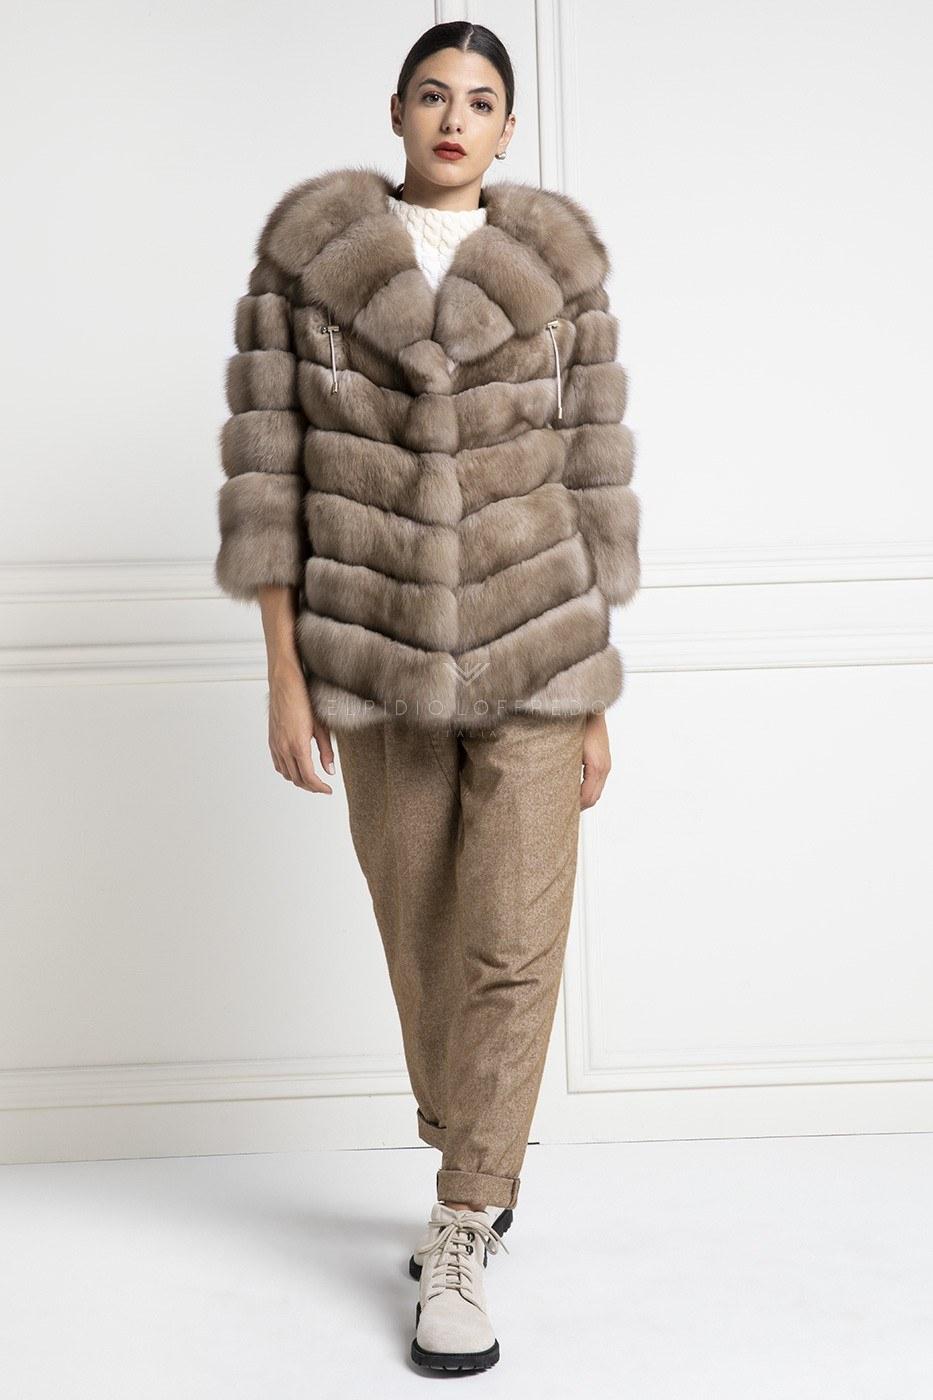 Giacca di Zibellino Russo con Cappuccio - Madreperla - Lunghezza 70 cm